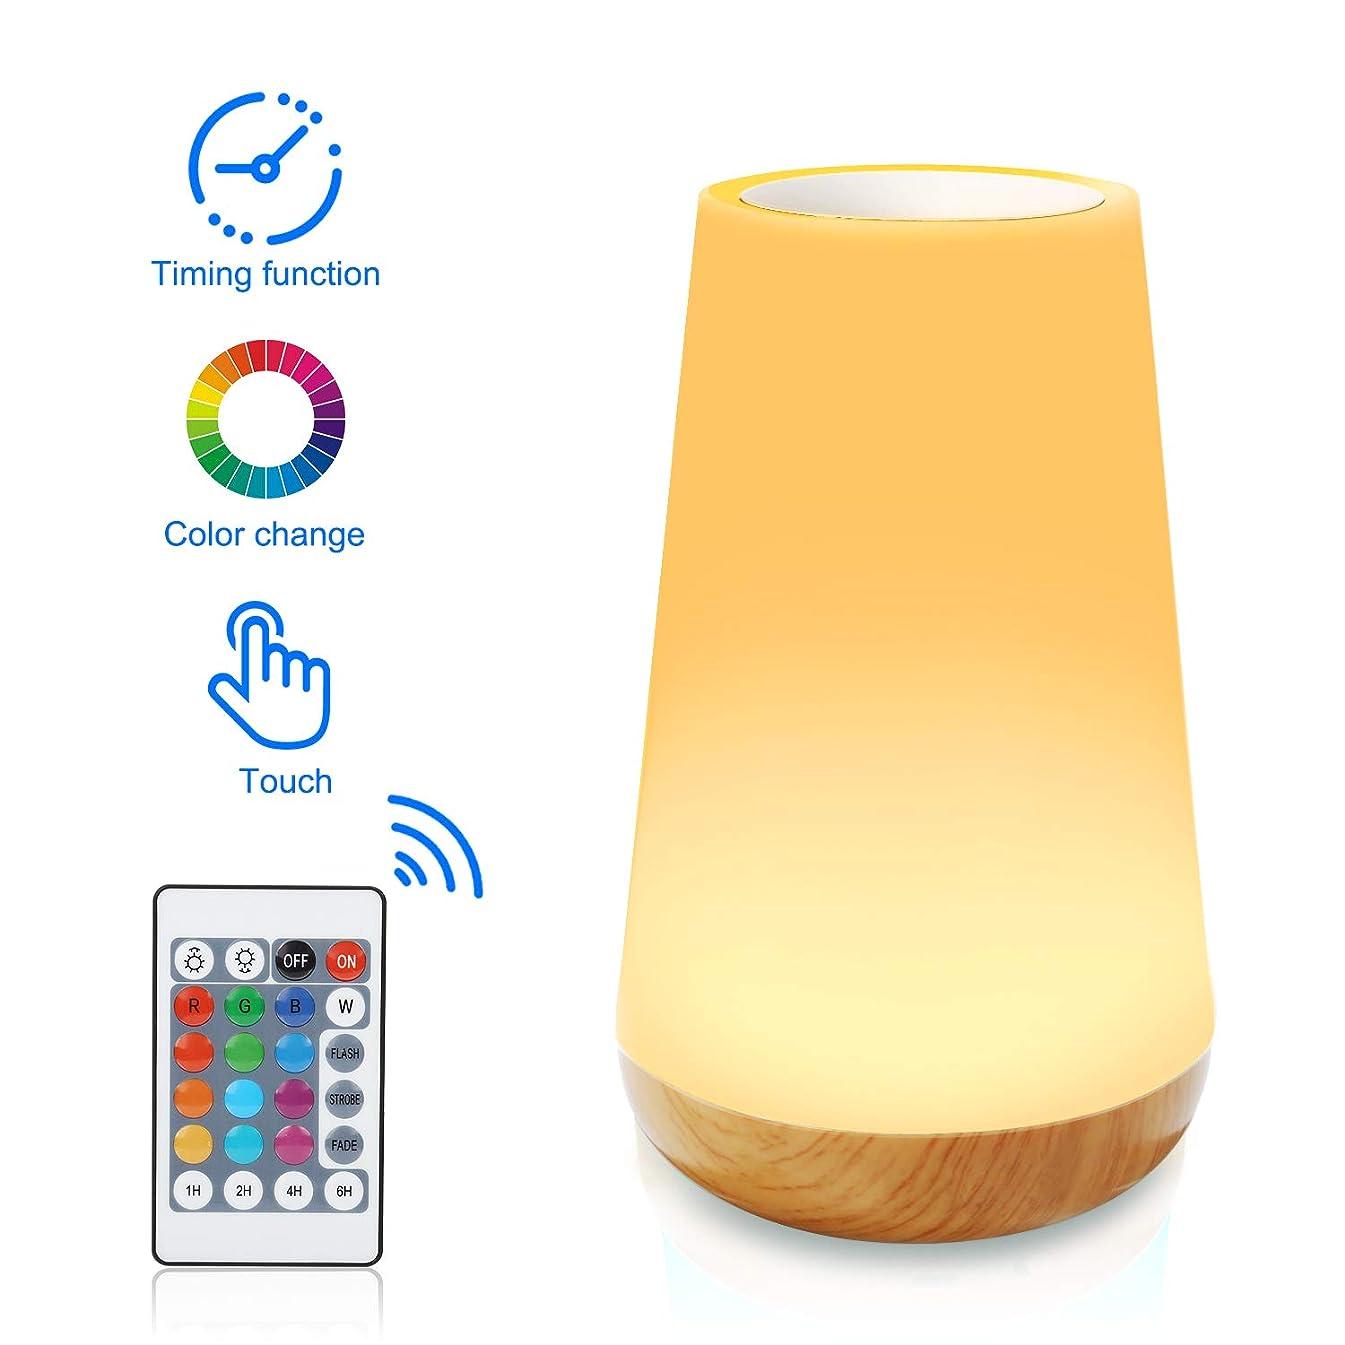 放つ瞑想的汚いAisuo ナイトライト テーブルランプ LED 授乳 ライト リモコン タッチ式 ベッドサイドランプ